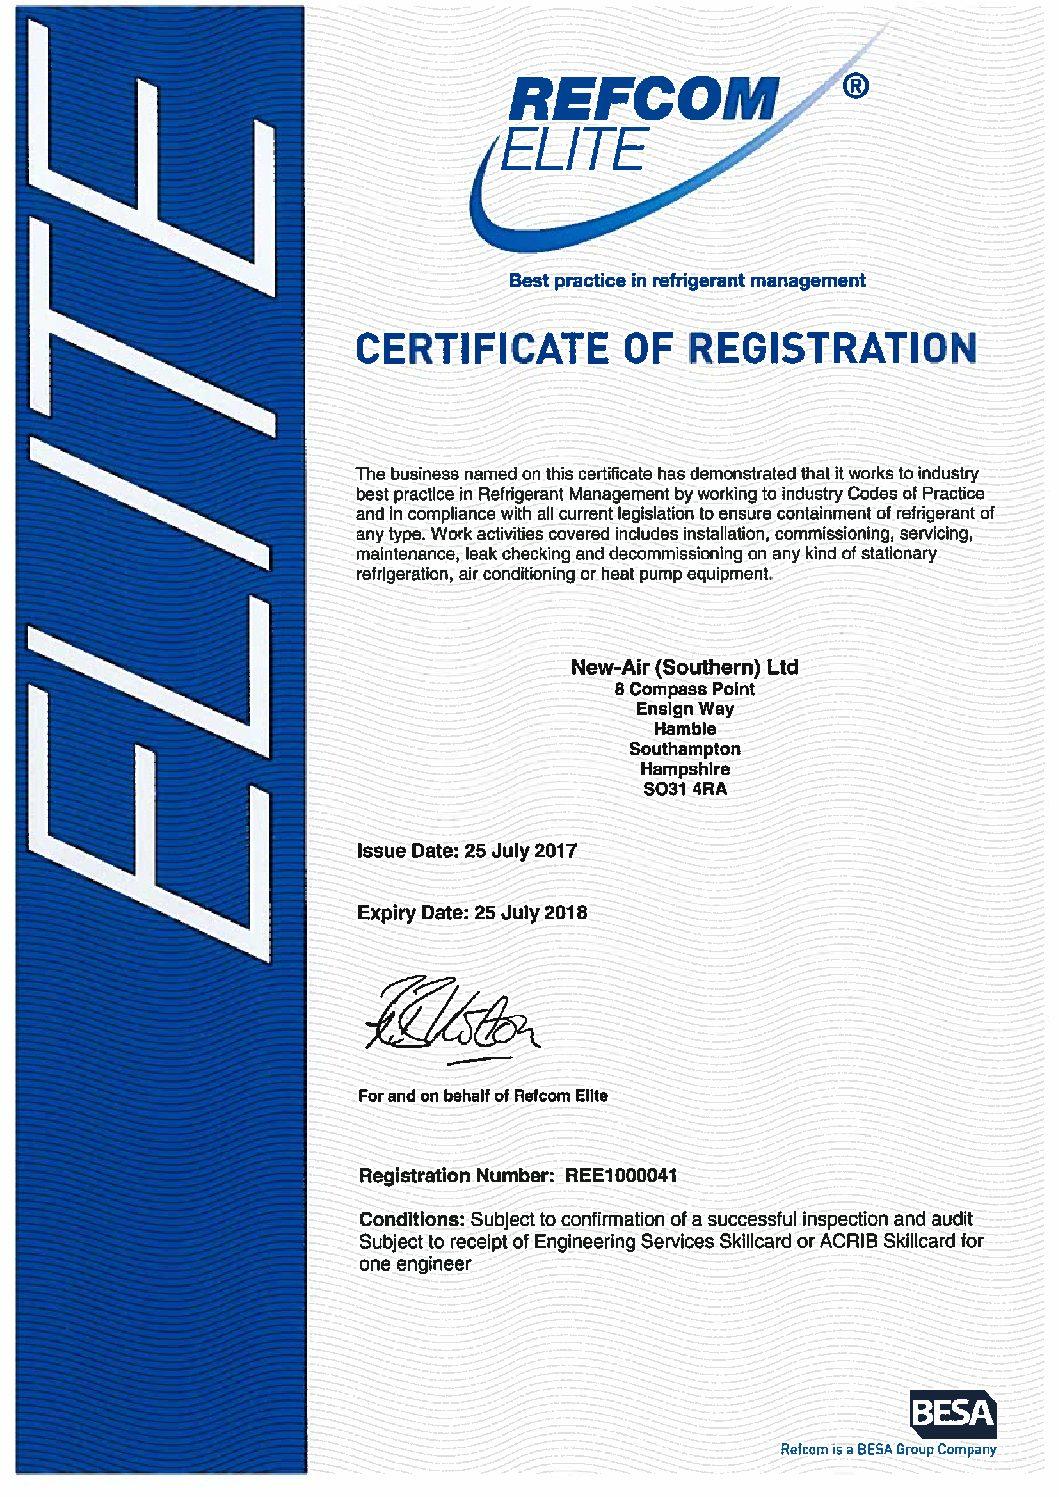 Refcom Elite Exp 250718